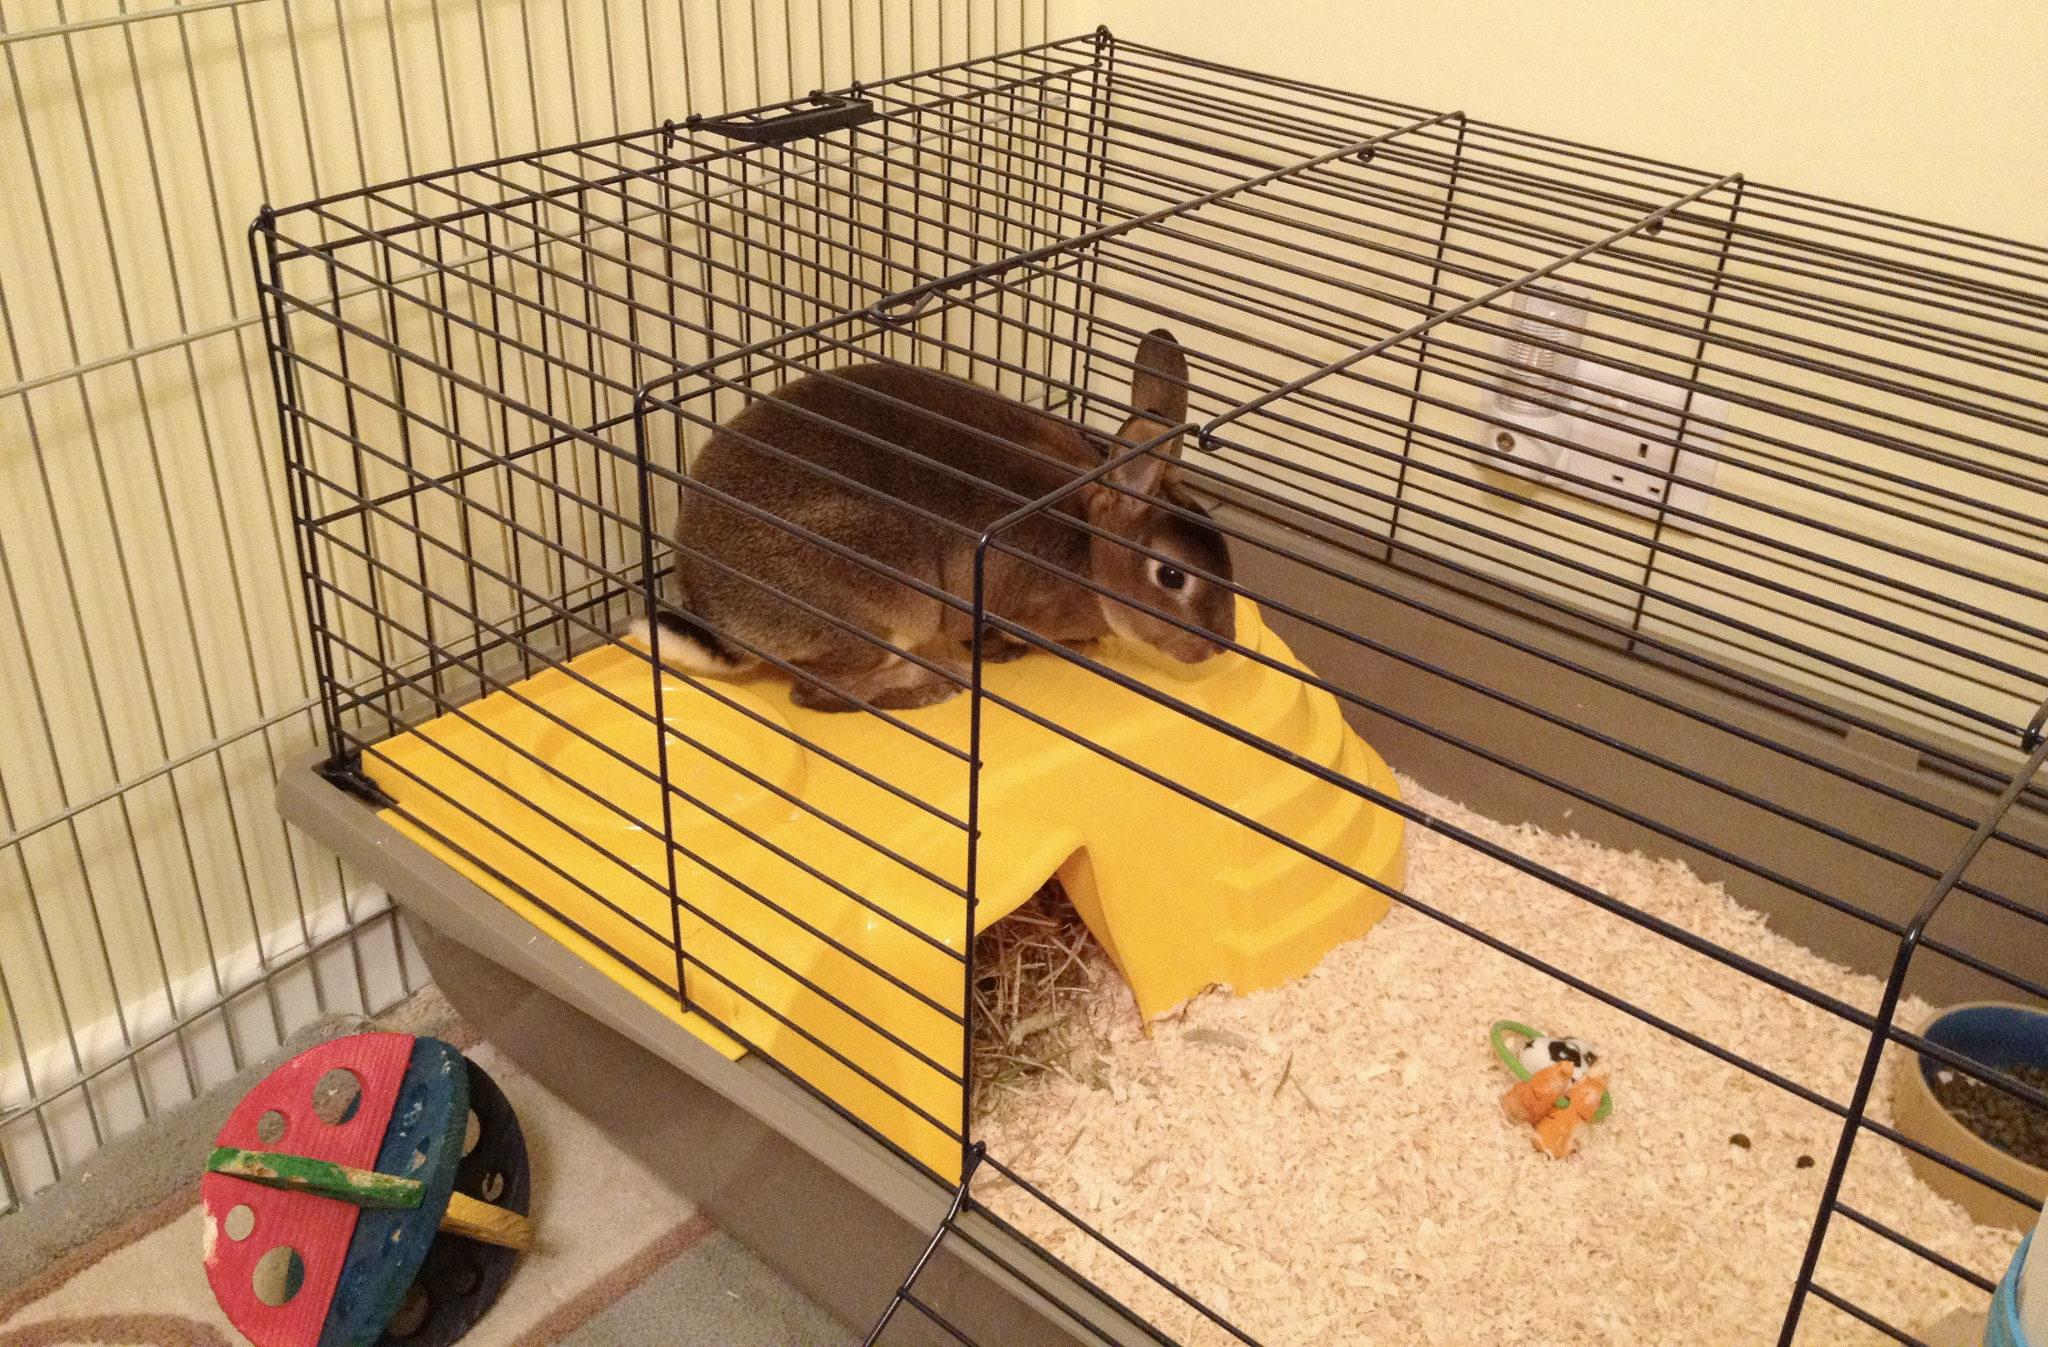 Искусственное кормление новорождённых крольчат. Кролики